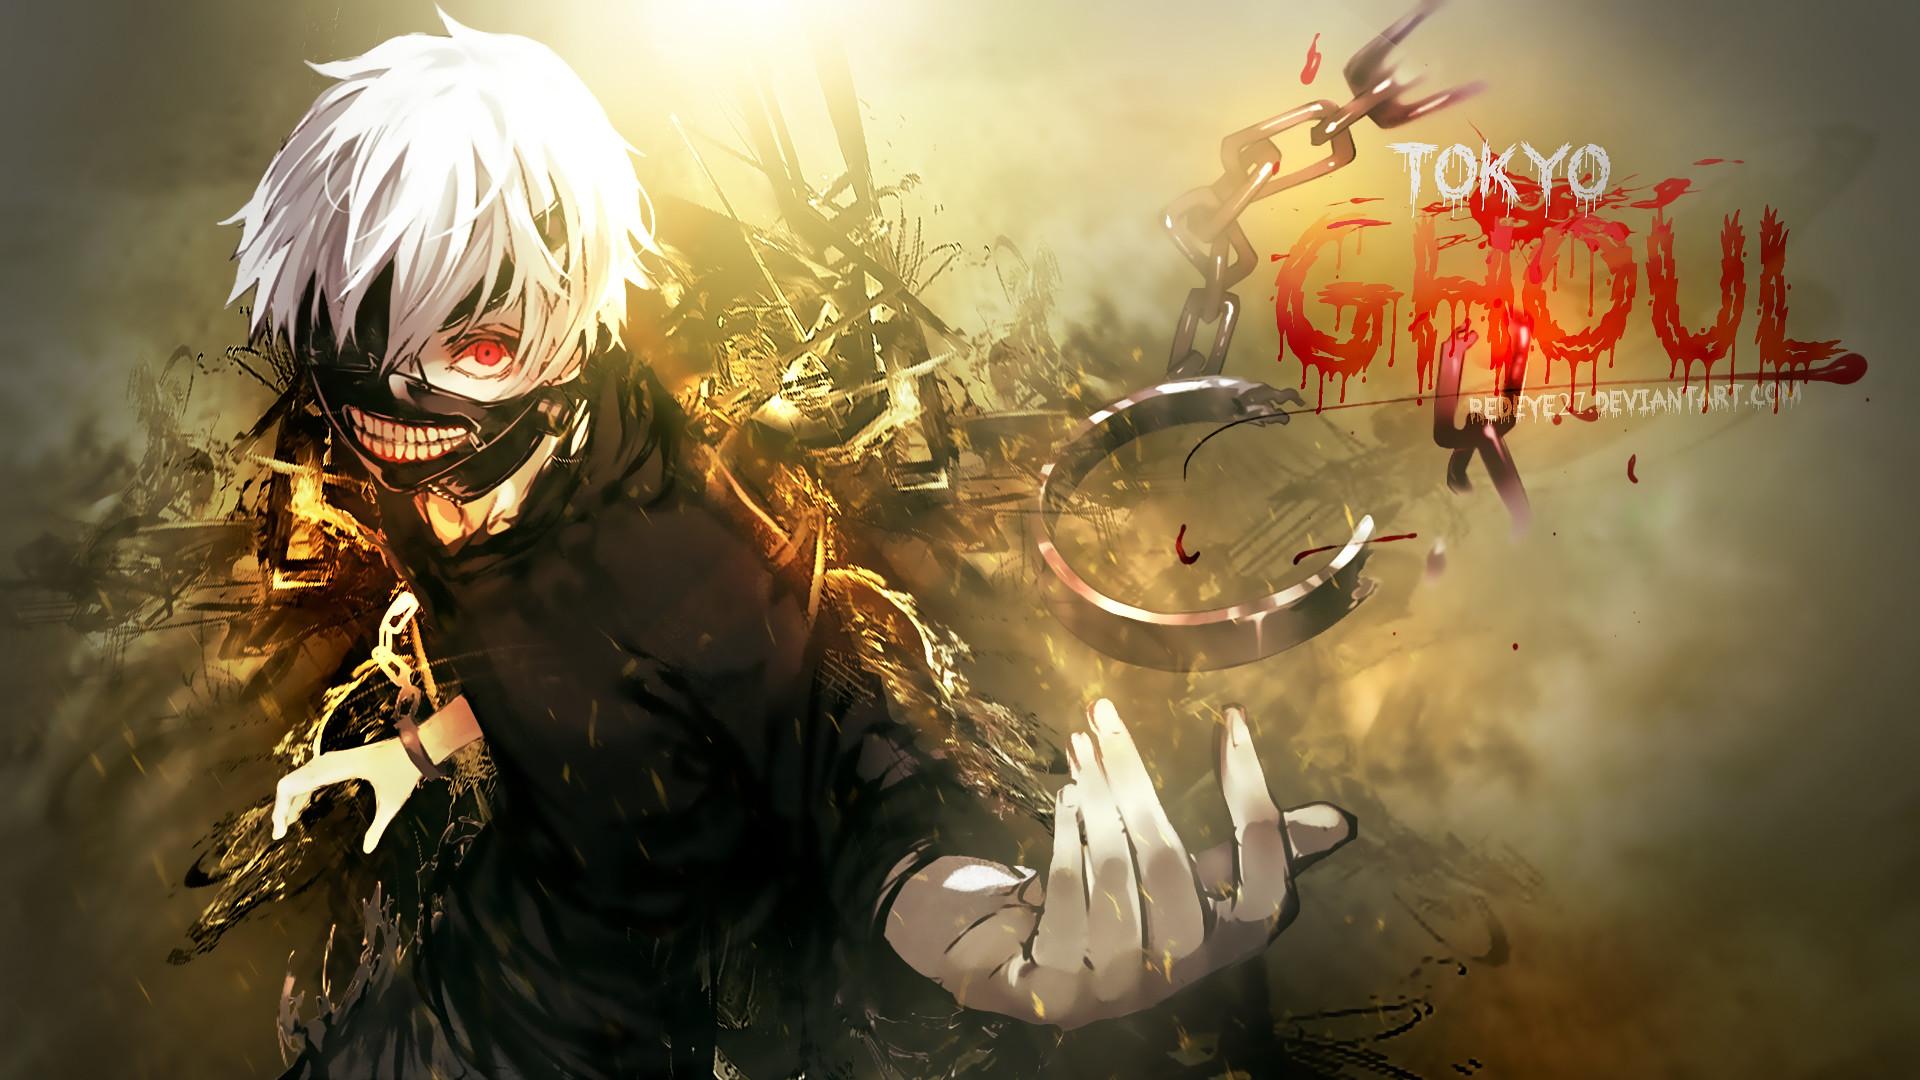 Kaneki Tokyo Ghoul anime red eye, mask. hd 1080p wallpaper .